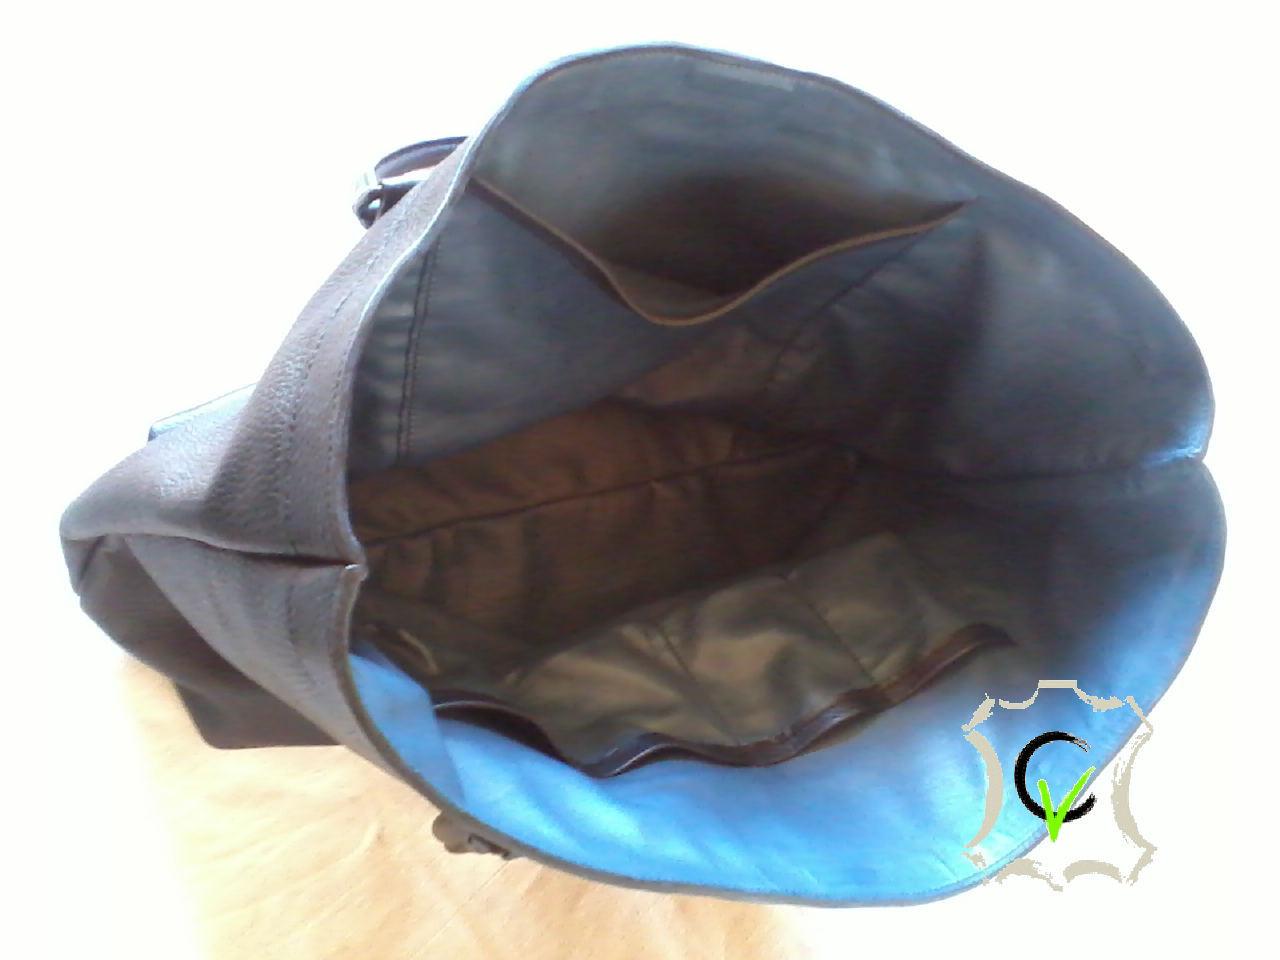 Sac à main en cuir vachette noir grainé. fermeture centrale par aimants, douyblé cuir mouton bleu, une poche, quatre pochettes et une pochette porte stylo